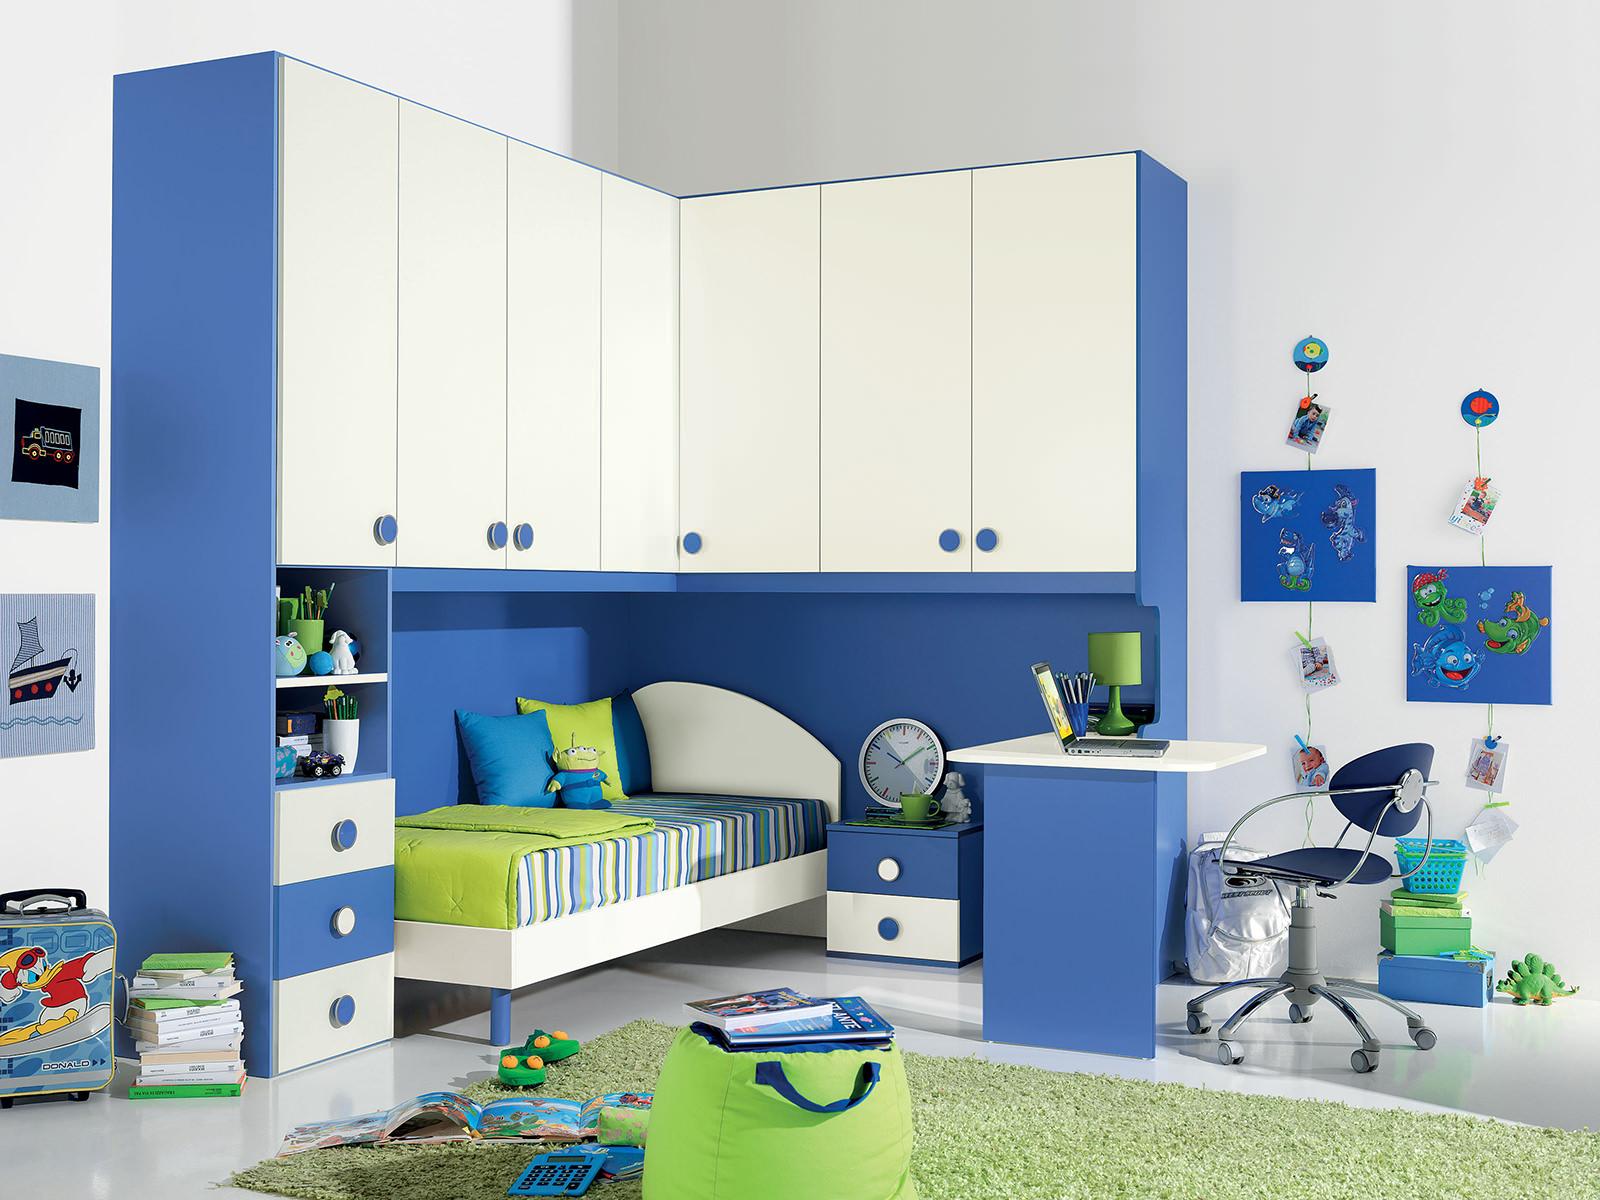 Синий, зеленый и белый цвета в интерьере детской